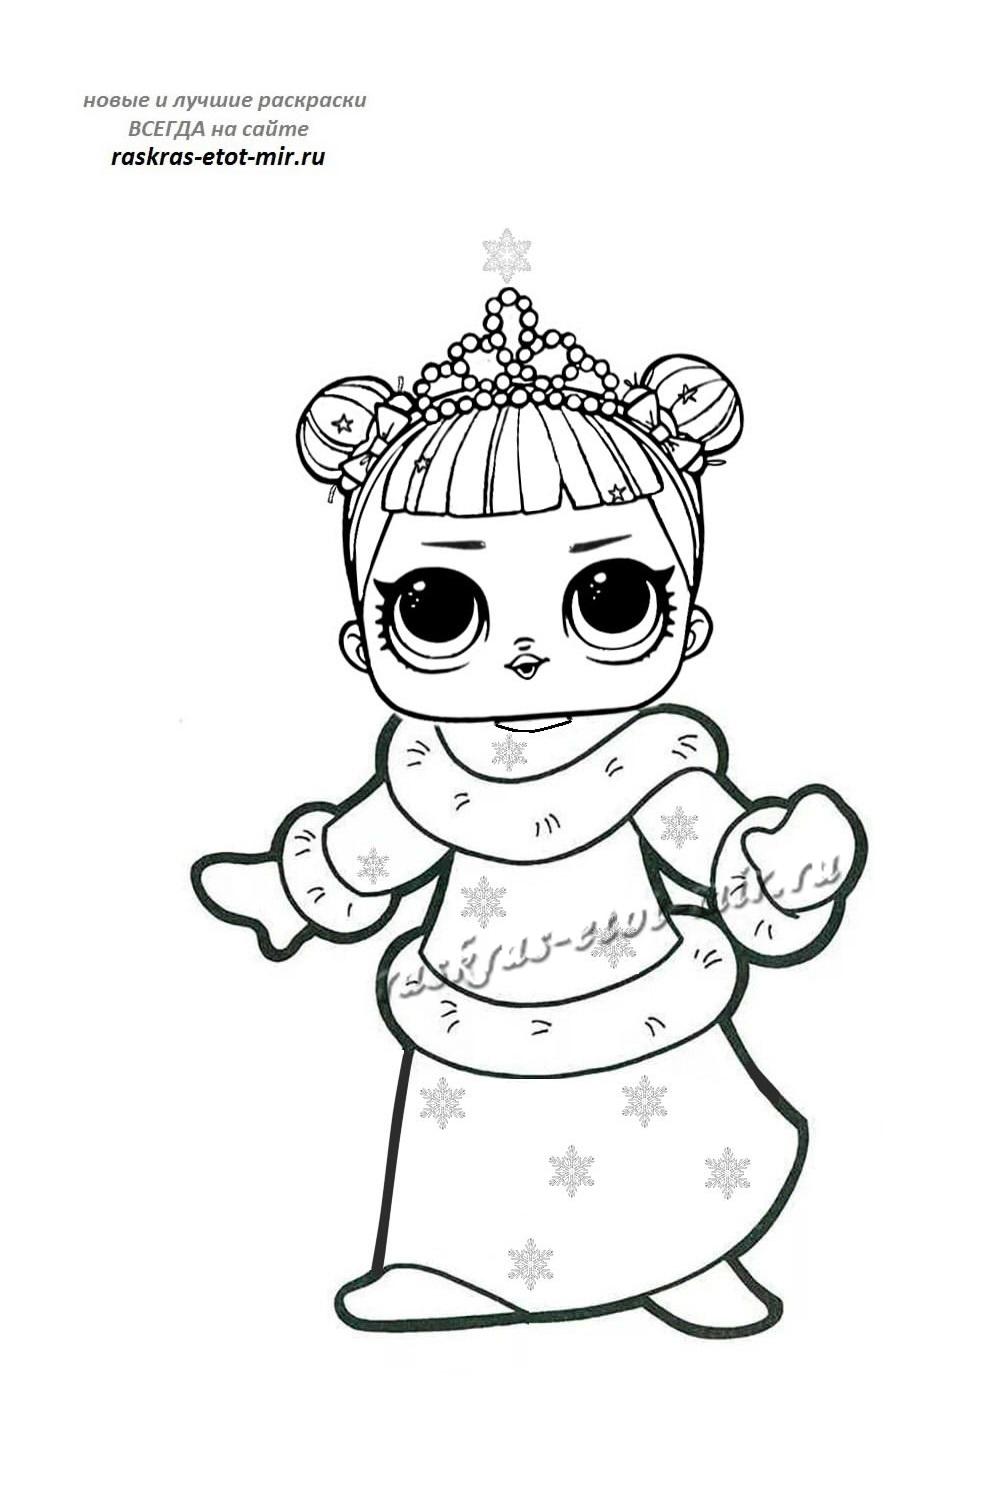 Лол Снегурочка - Раскрась этот мир!